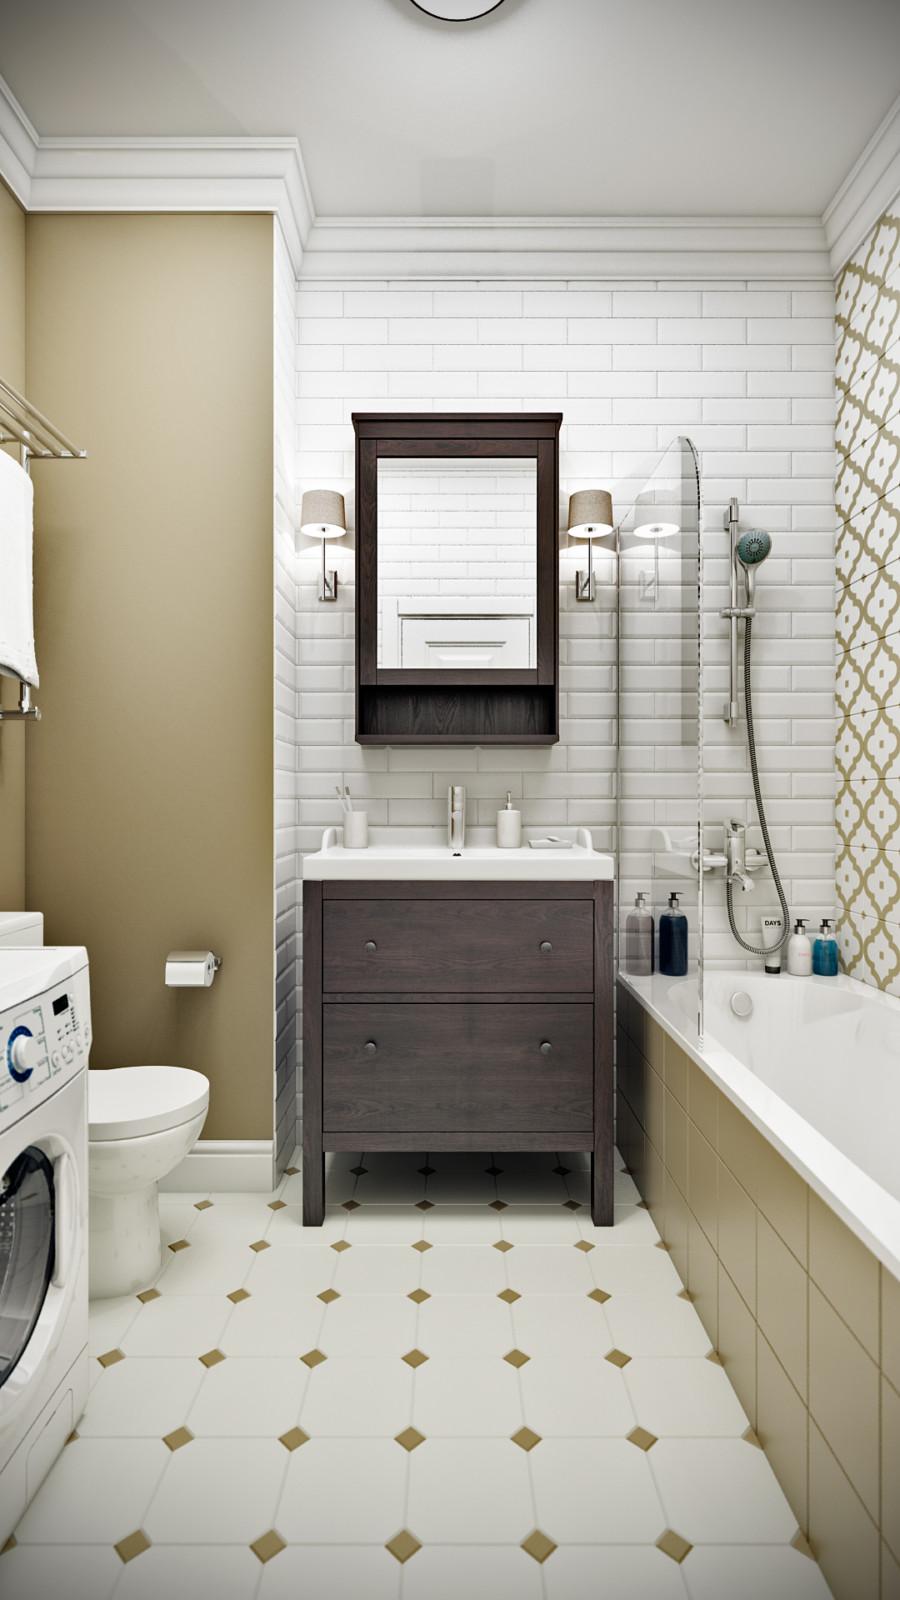 интерьер интерьер ванной комнаты